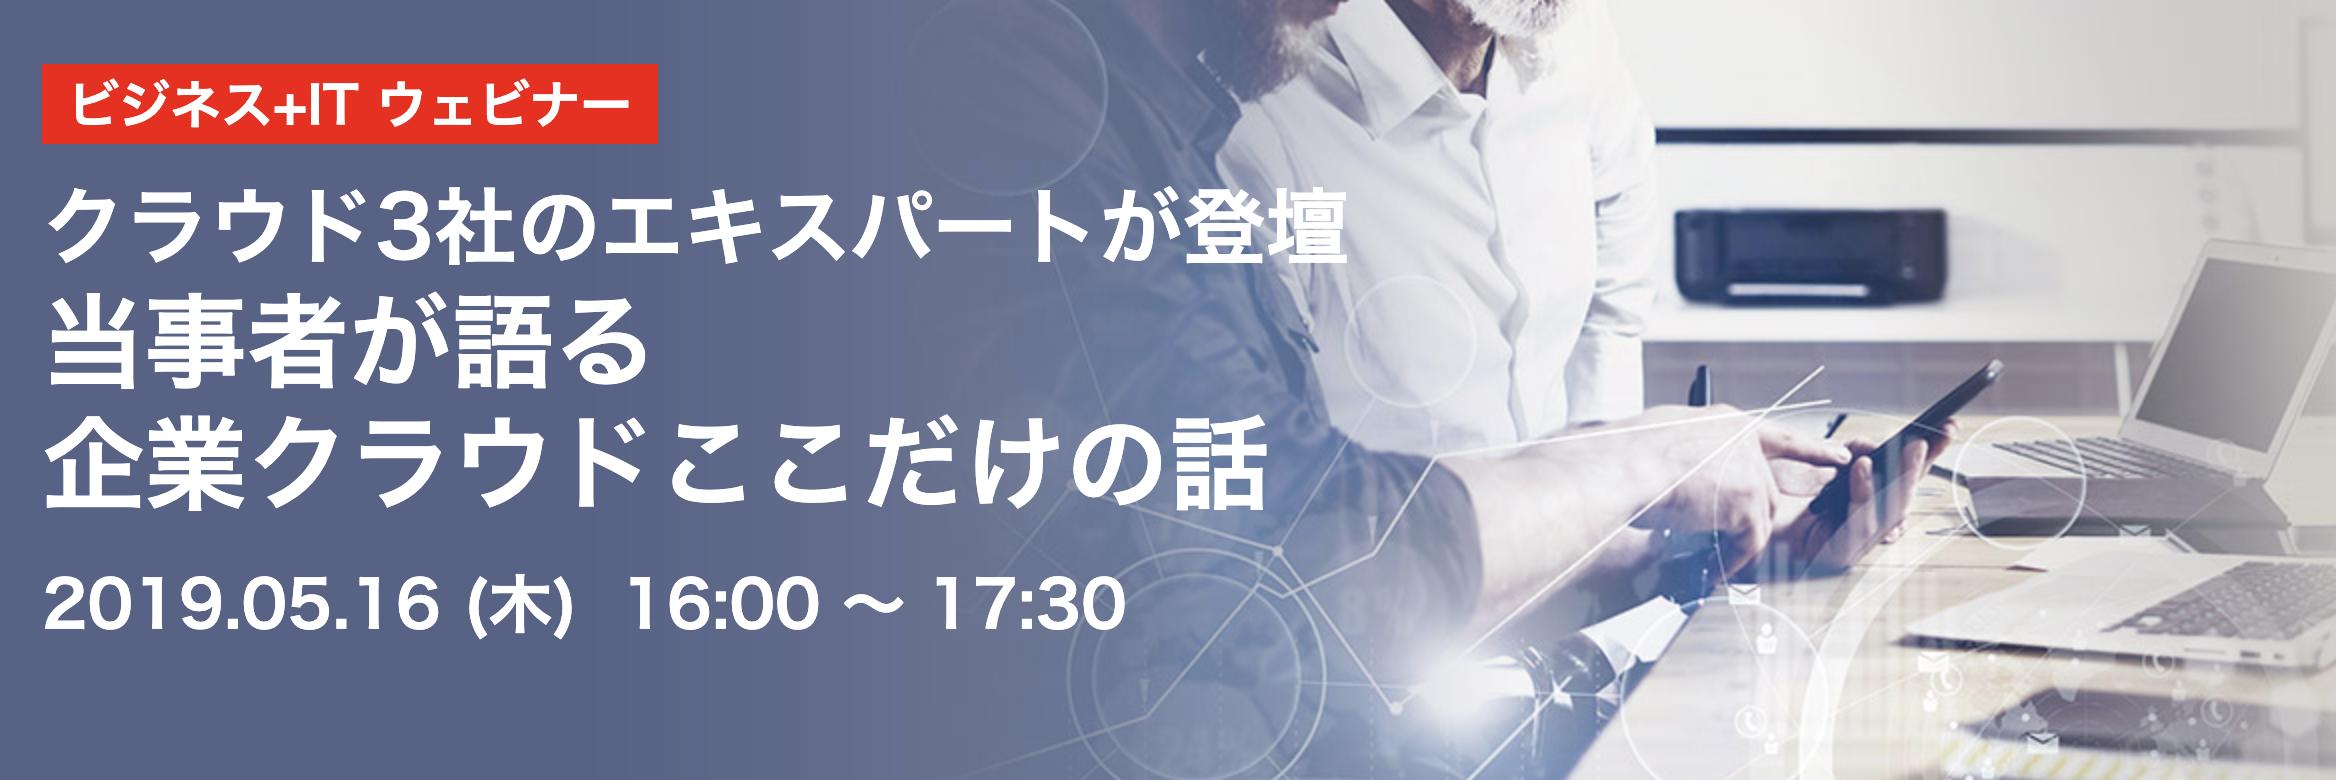 【5月16日】当社の加藤がビジネス+IT のウェビナーにてパネリストとして参加いたします